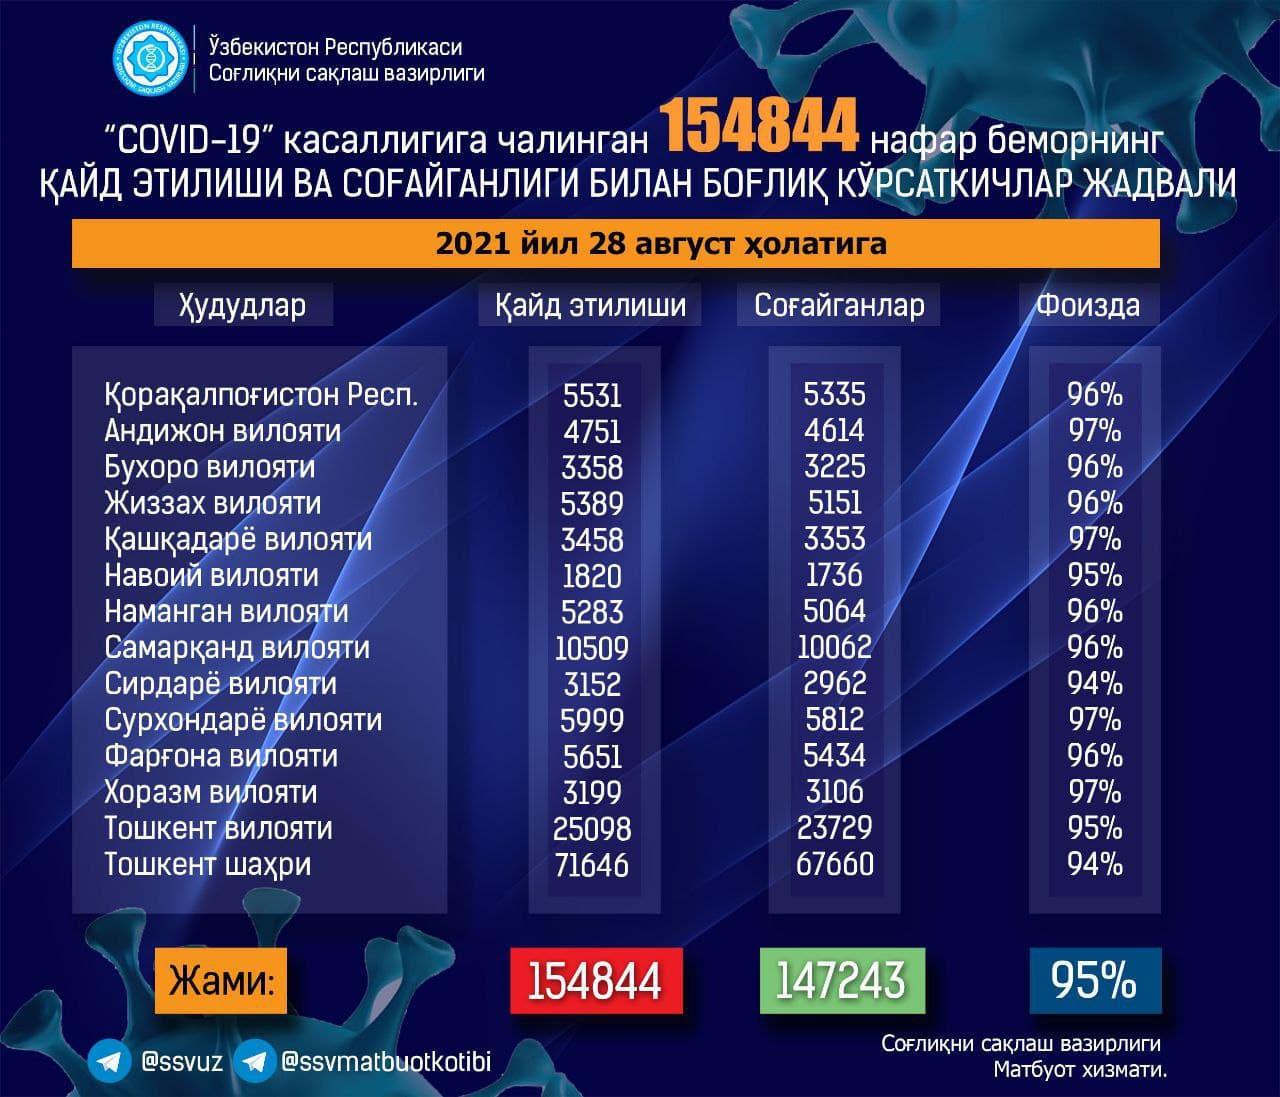 За последние сутки в республике выявили 662 случая заражения коронавирусом